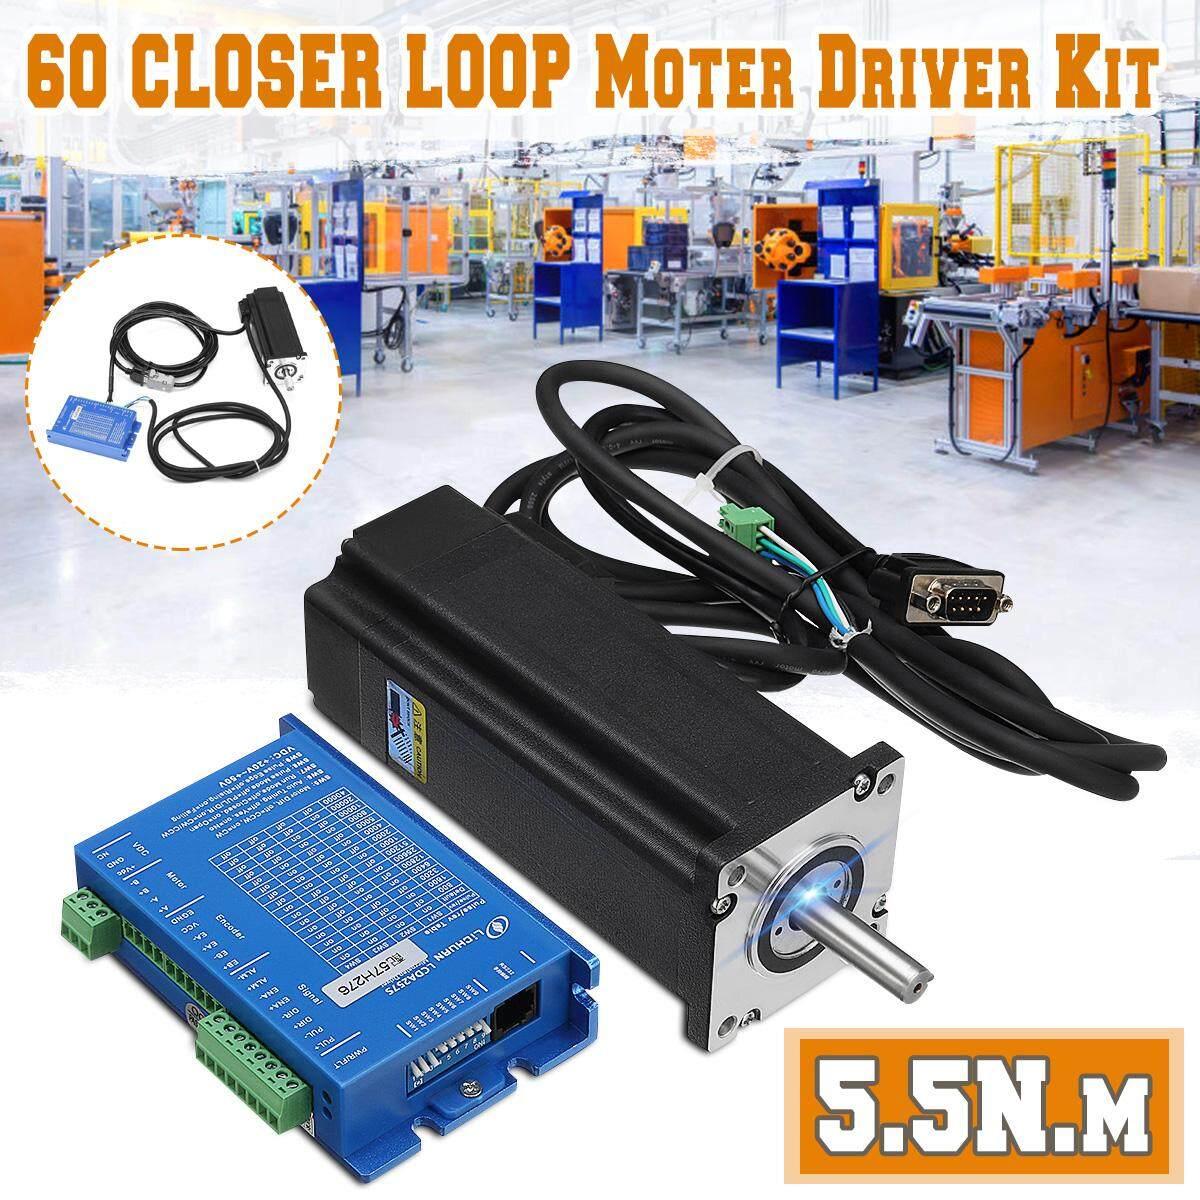 Baru 2 Fase 60 Loop Tertutup Motor Steper 5.5 N.m. Driver Kit Lcda257s + Lc60h2127 By Motorup